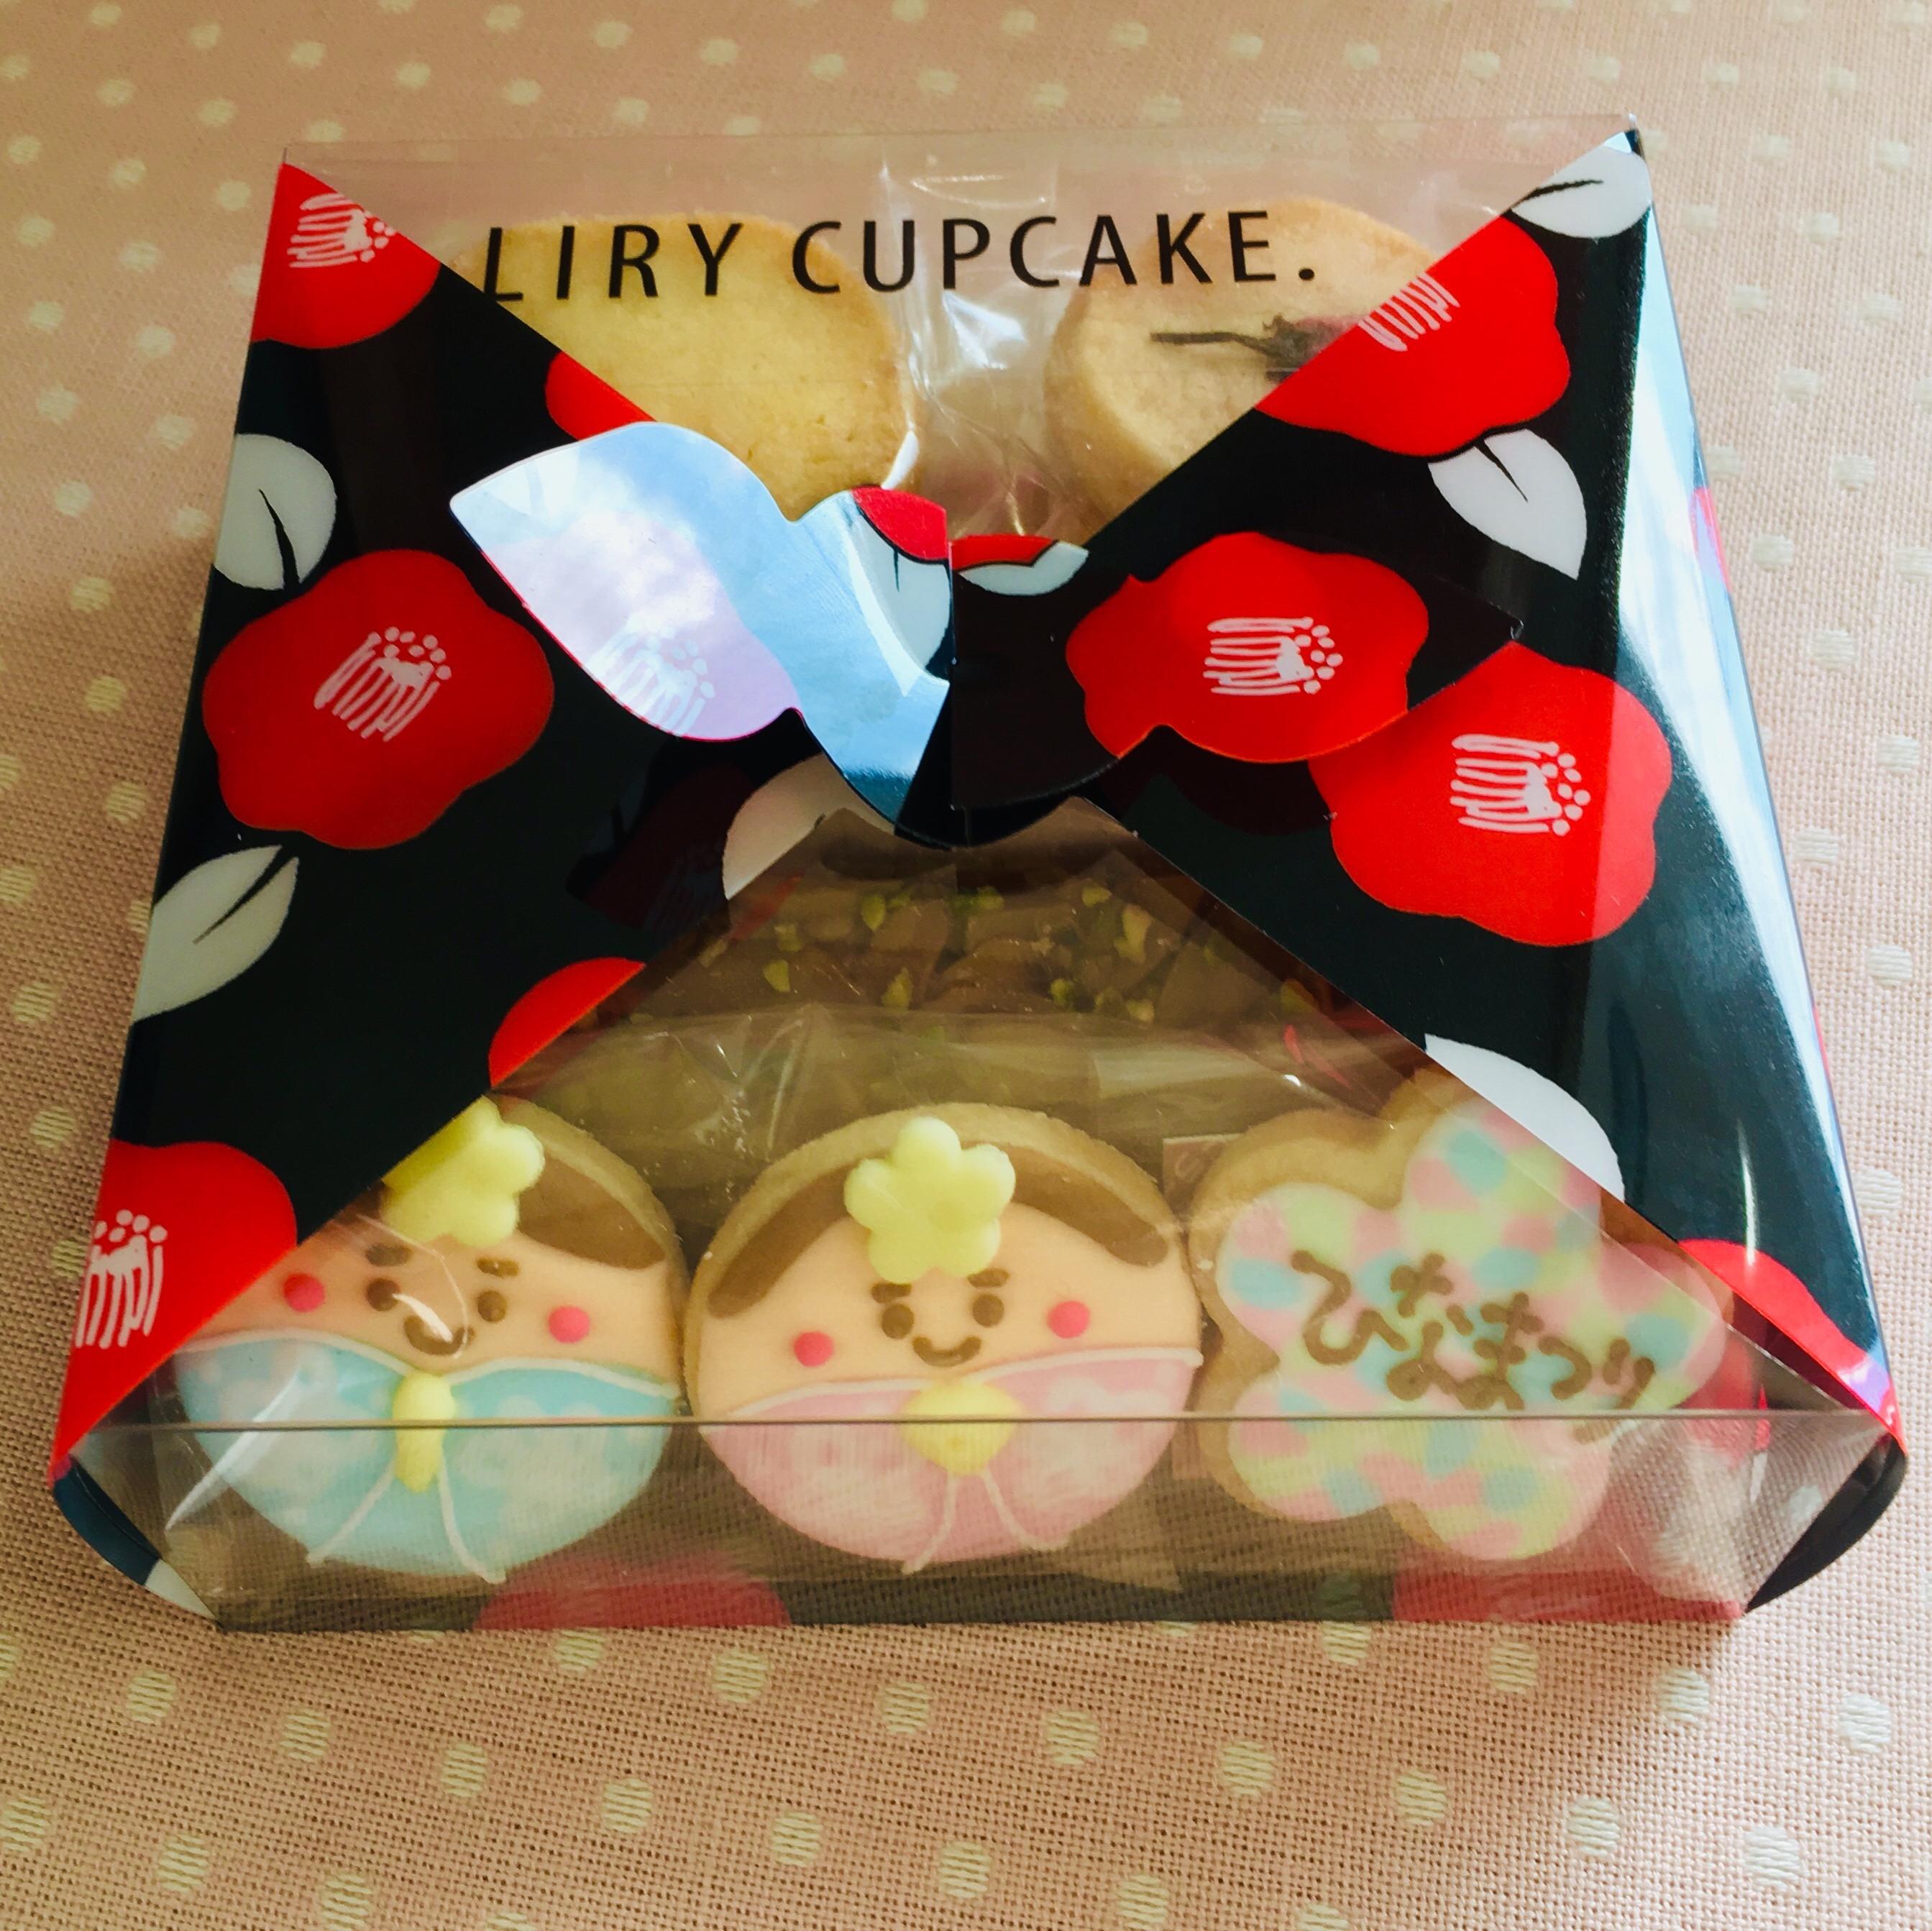 おひなさまアイシングクッキーと人気の焼き菓子を詰め合わせたふろしきギフトBOXです。>